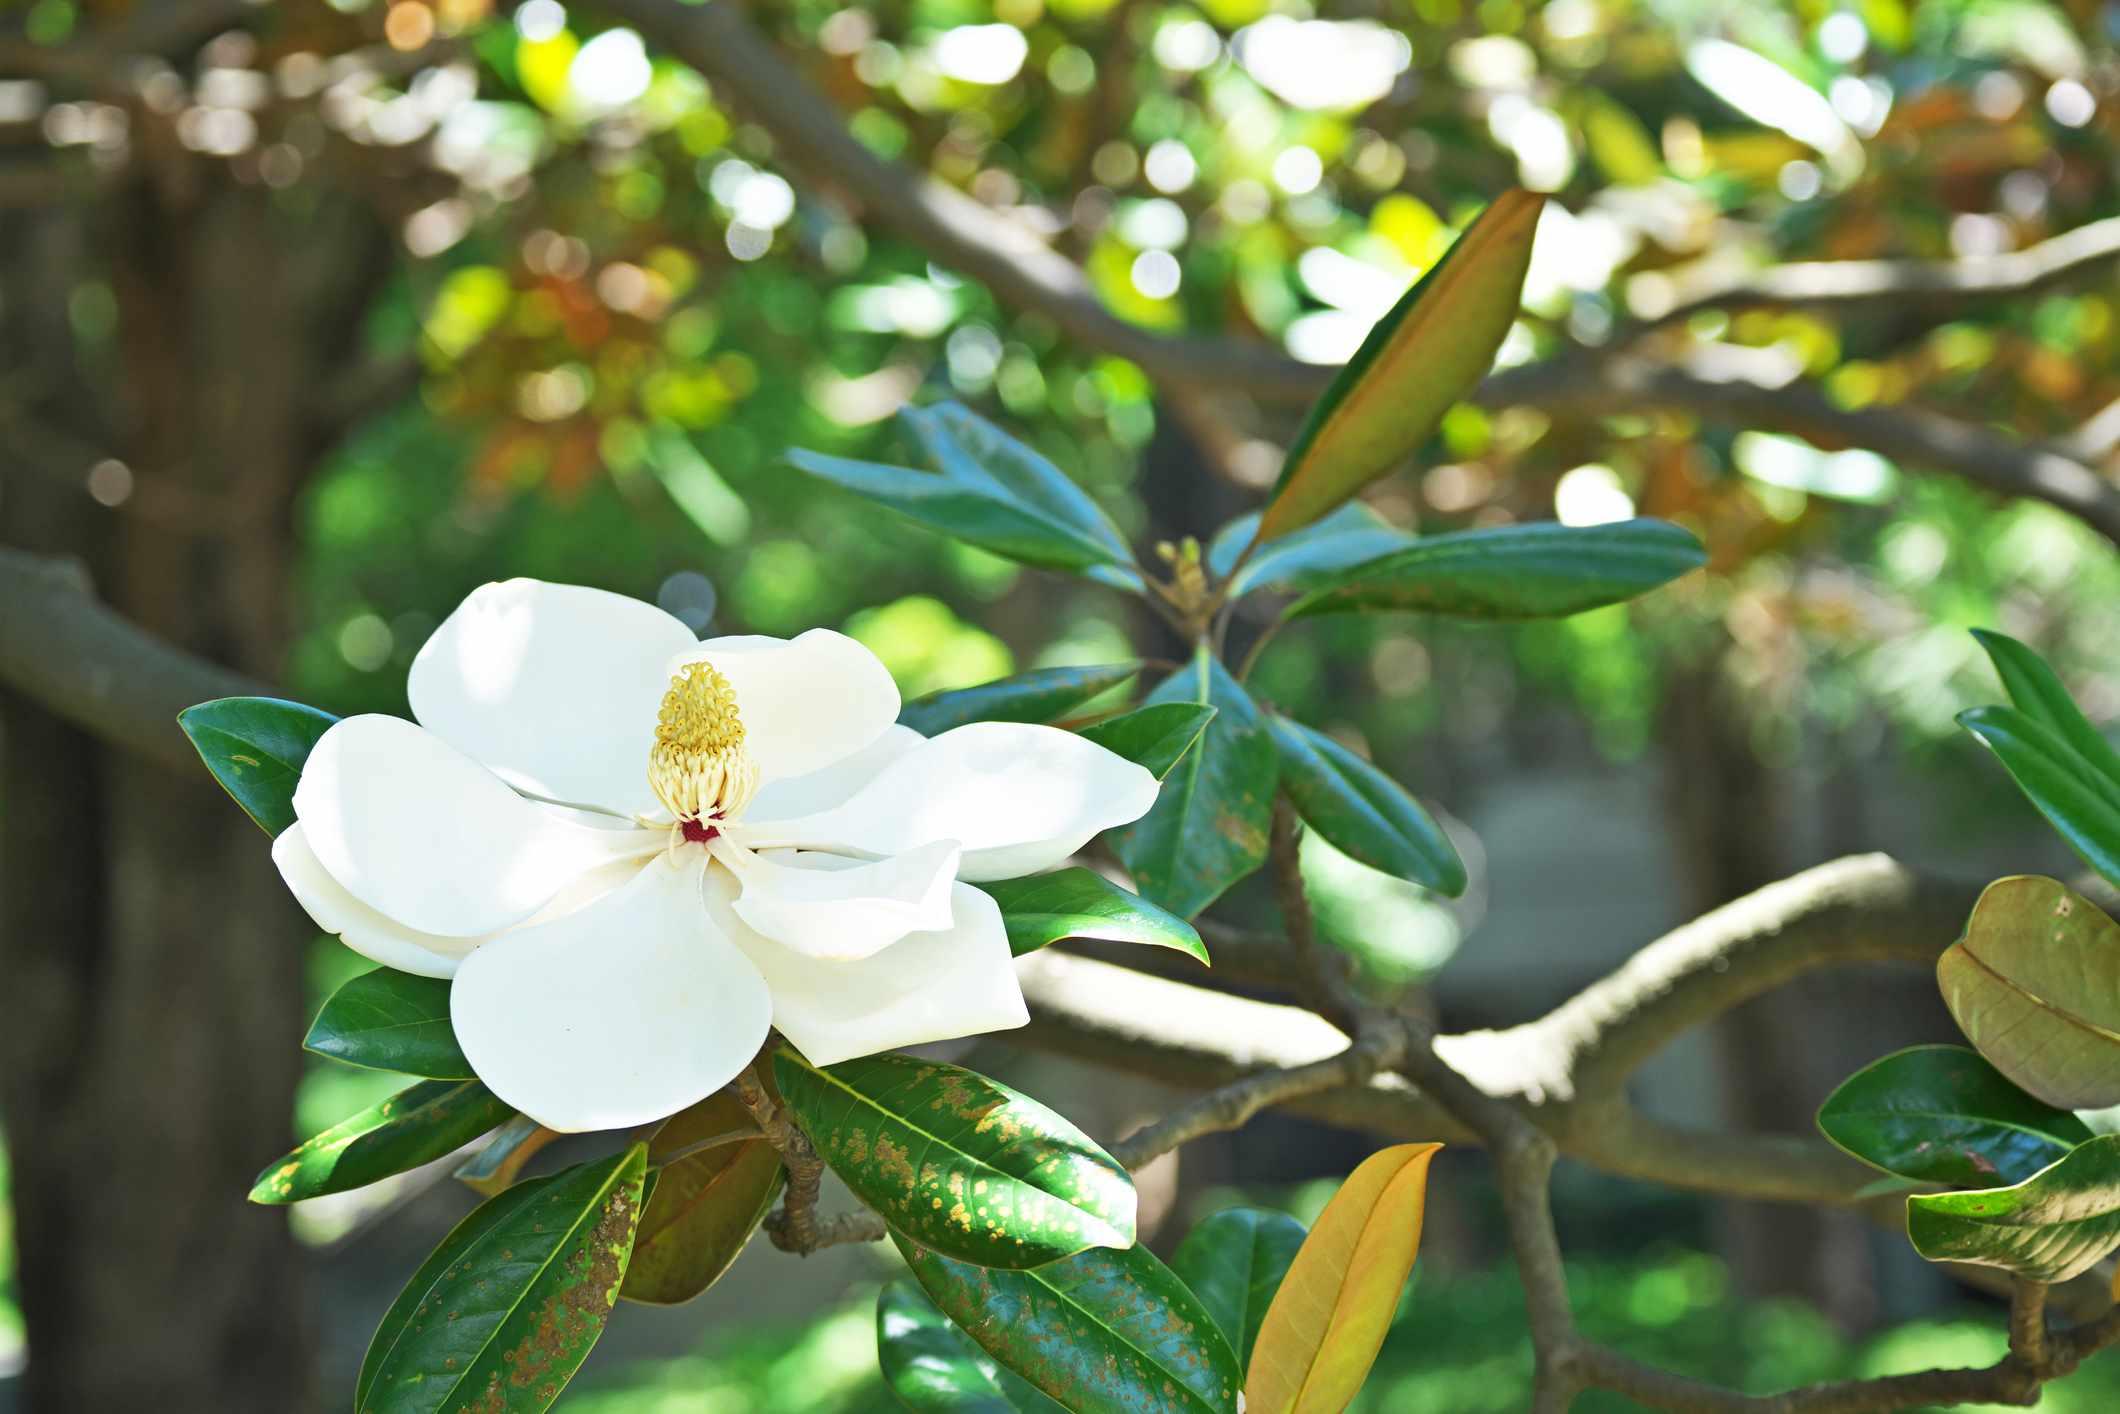 Flwer of the Magnolia grandiflora